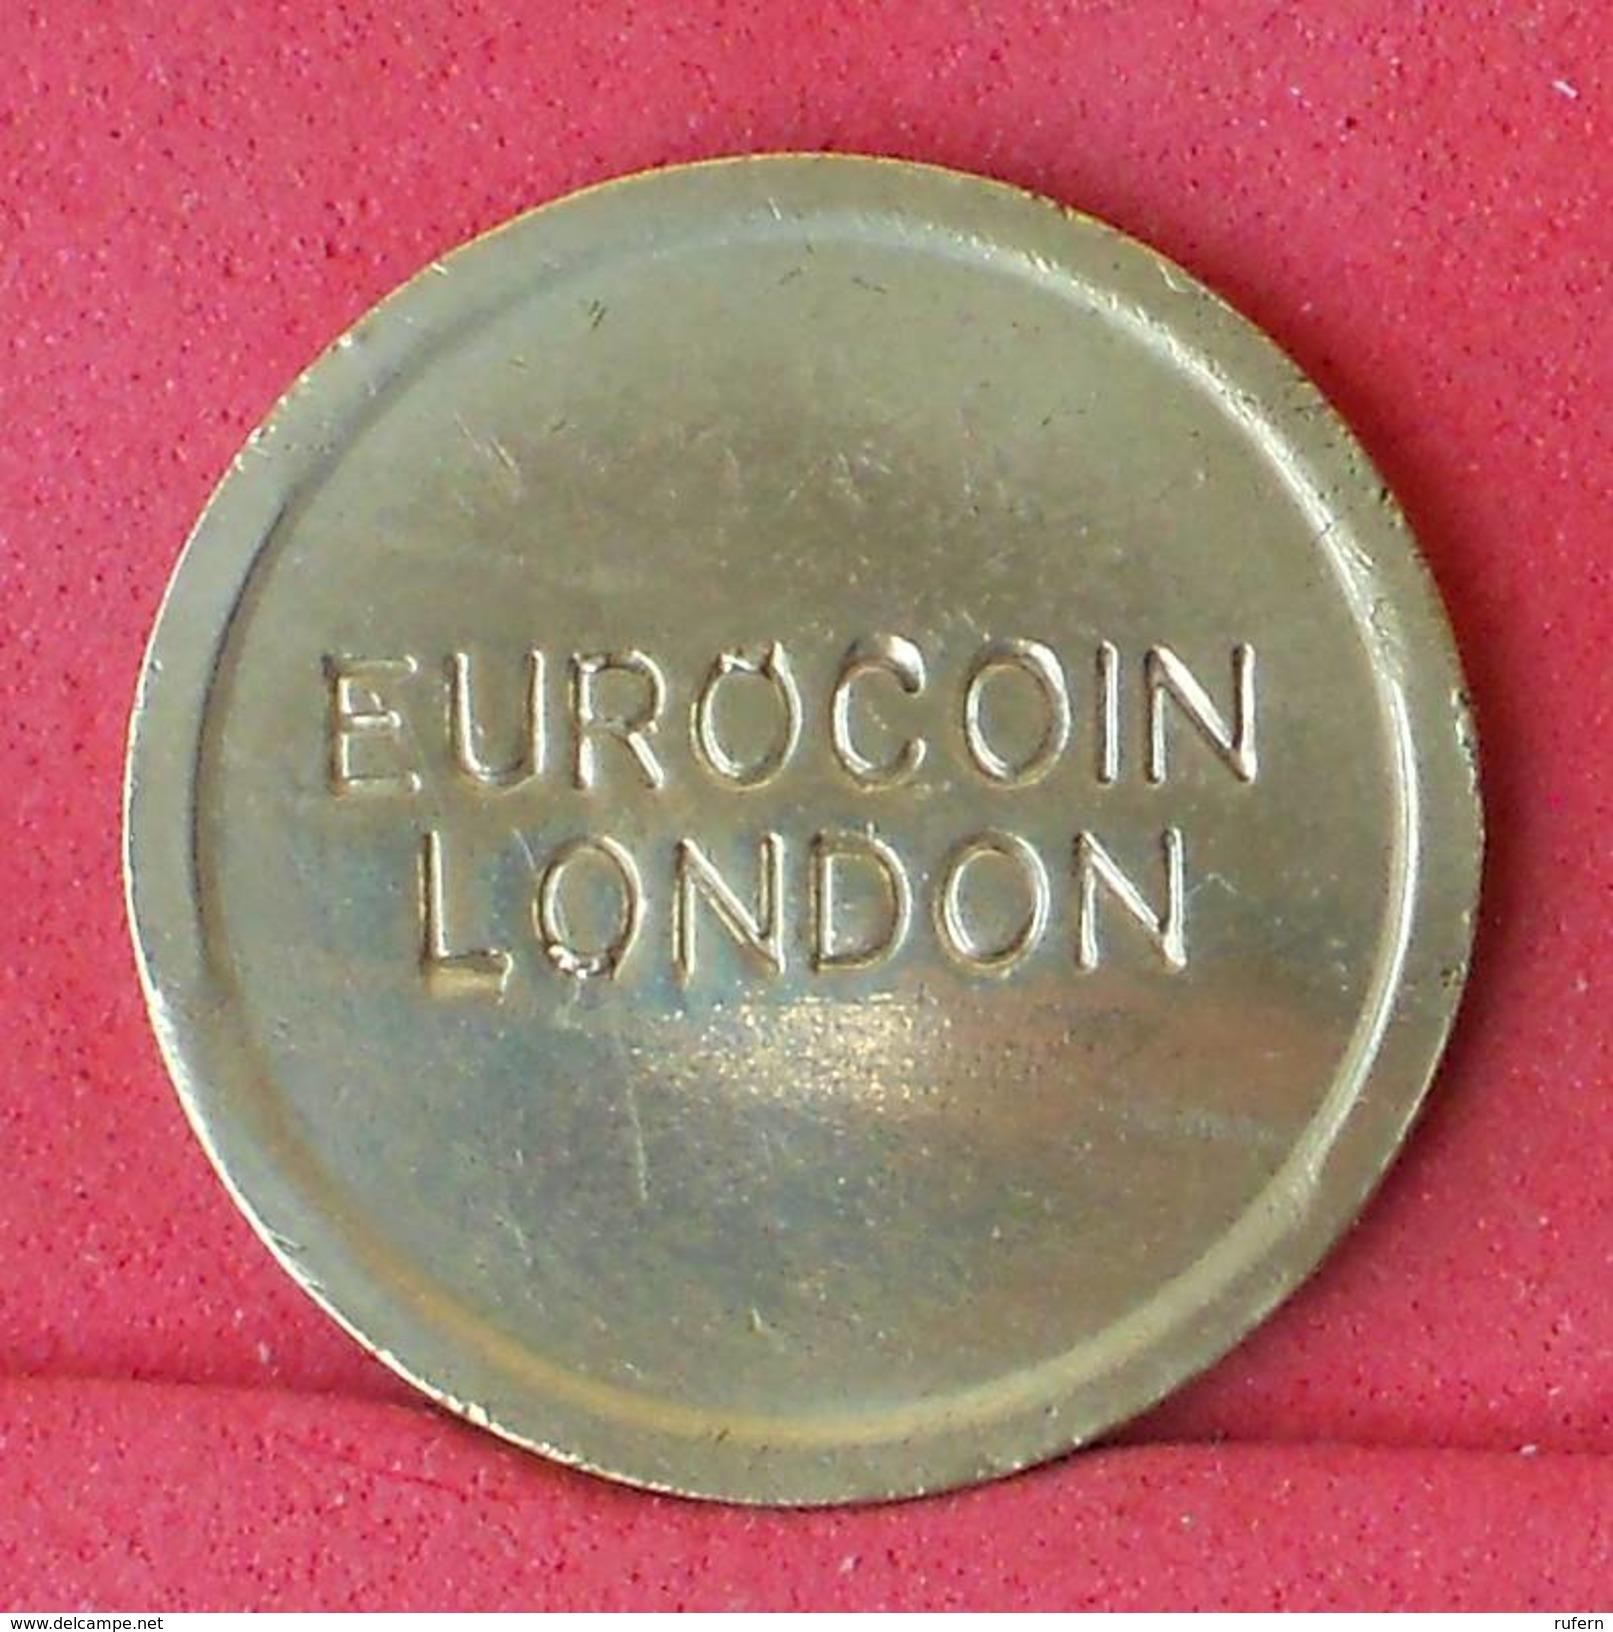 GREAT BRITAIN    - LONDON EUROCEIN    - (Nº18245) - Professionnels/De Société